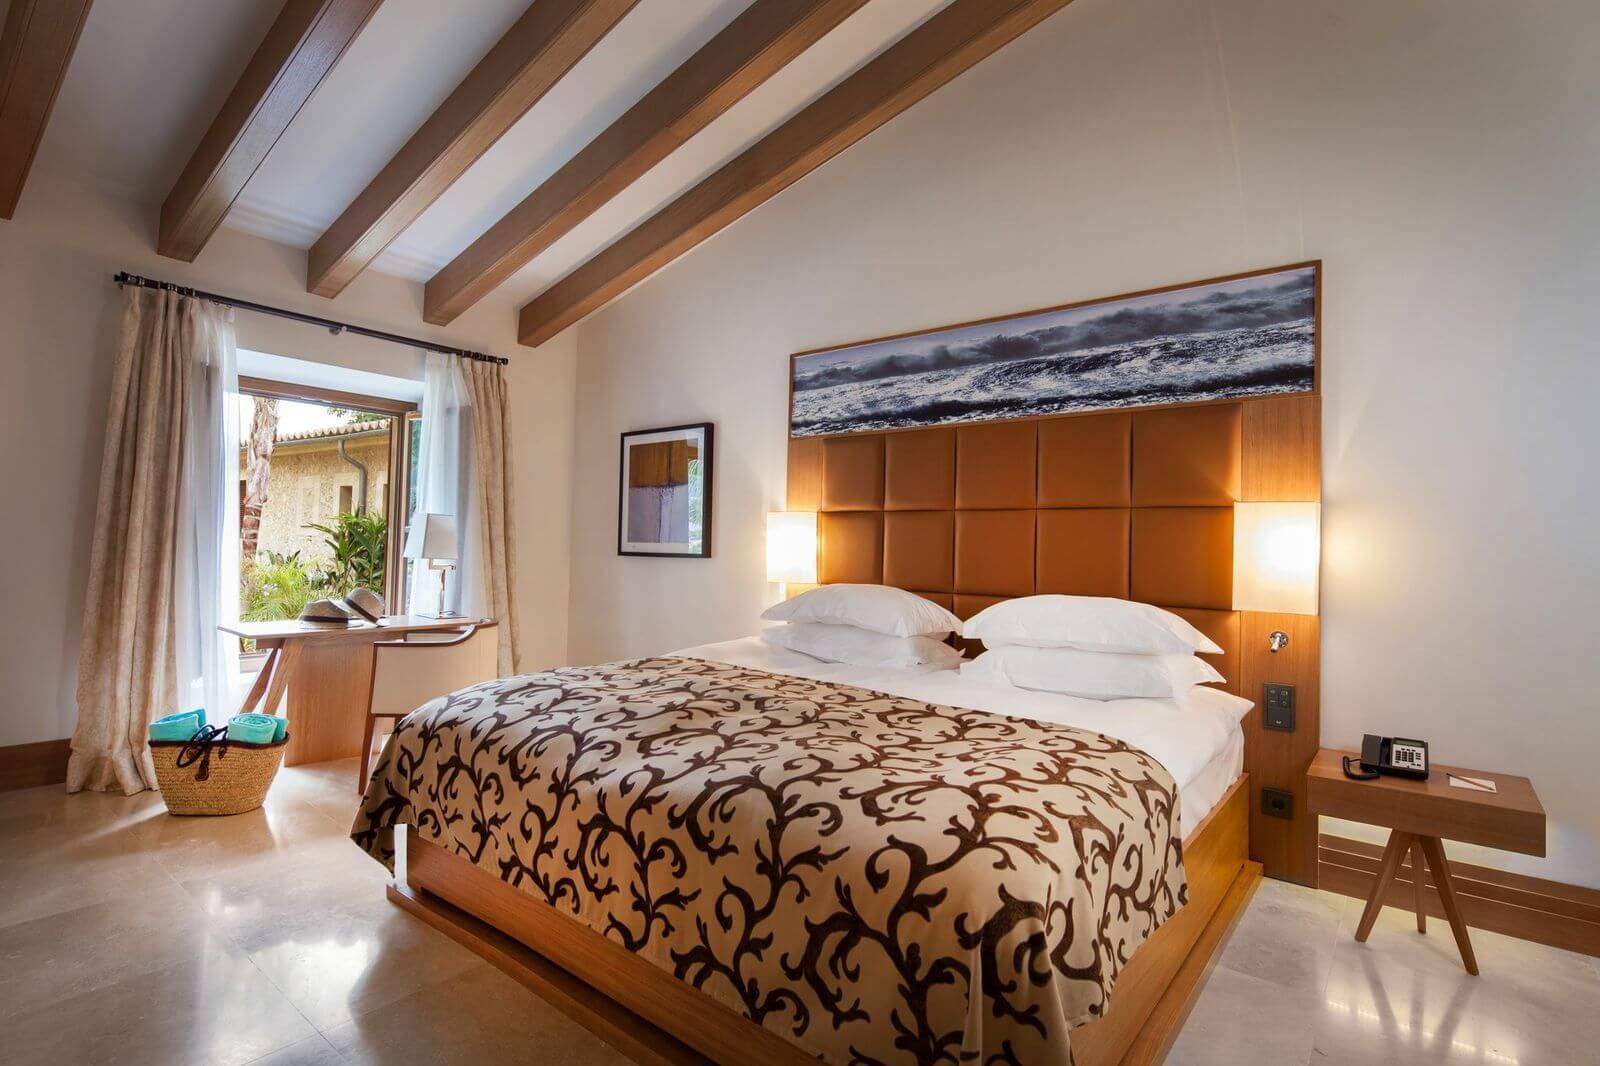 Suites y Habitaciones del Hotel de lujo en Mallorca, Castell Son Claret (7)